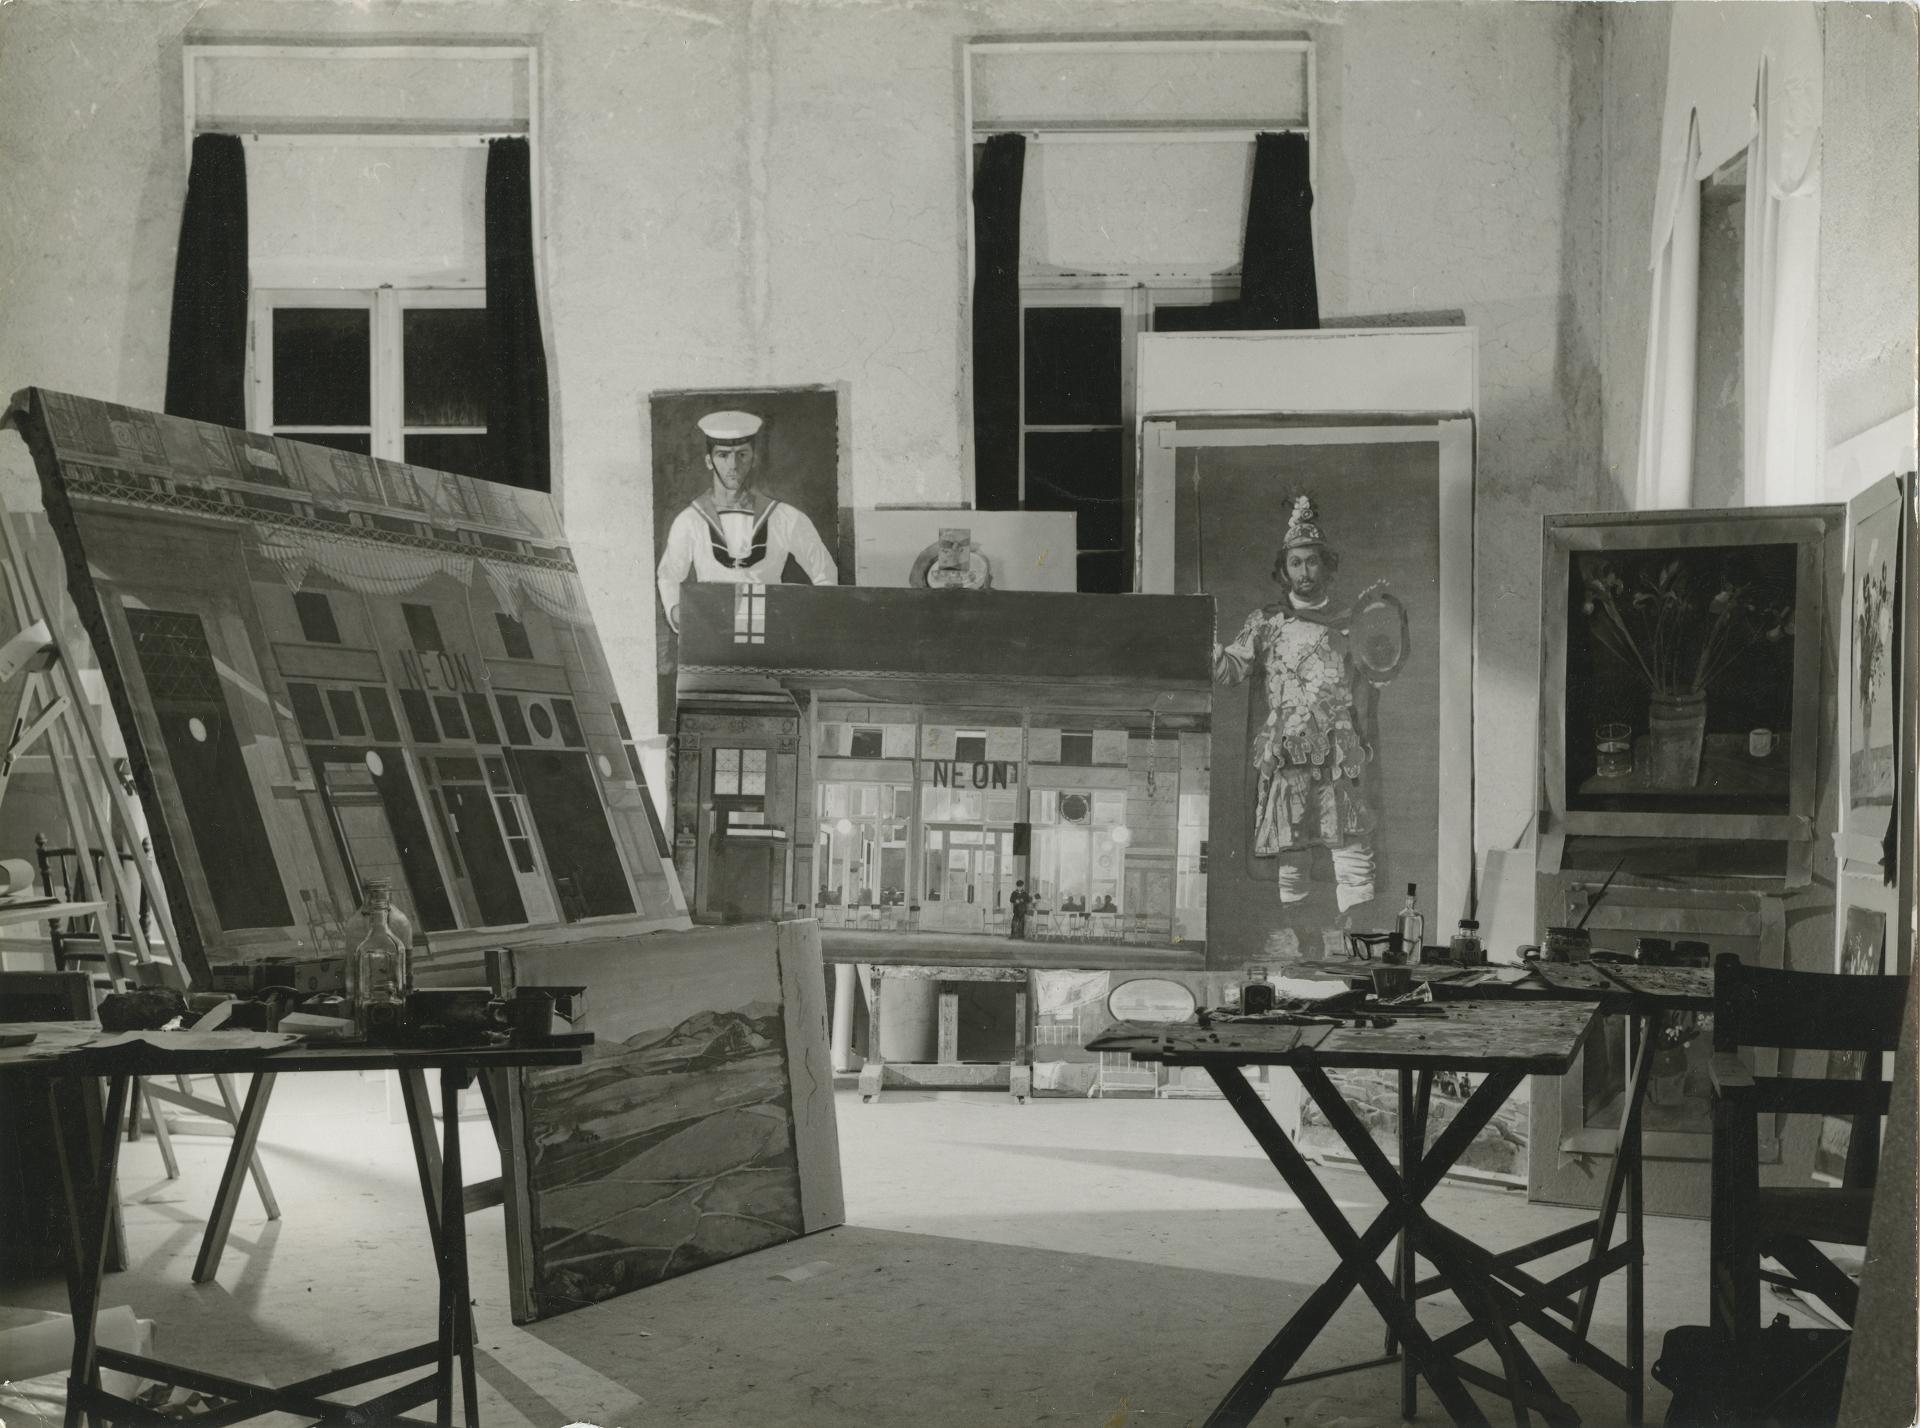 Ίδρυμα Γιάννη Τσαρούχη ή αλλιώς το Μουσείο Αμαρουσίου